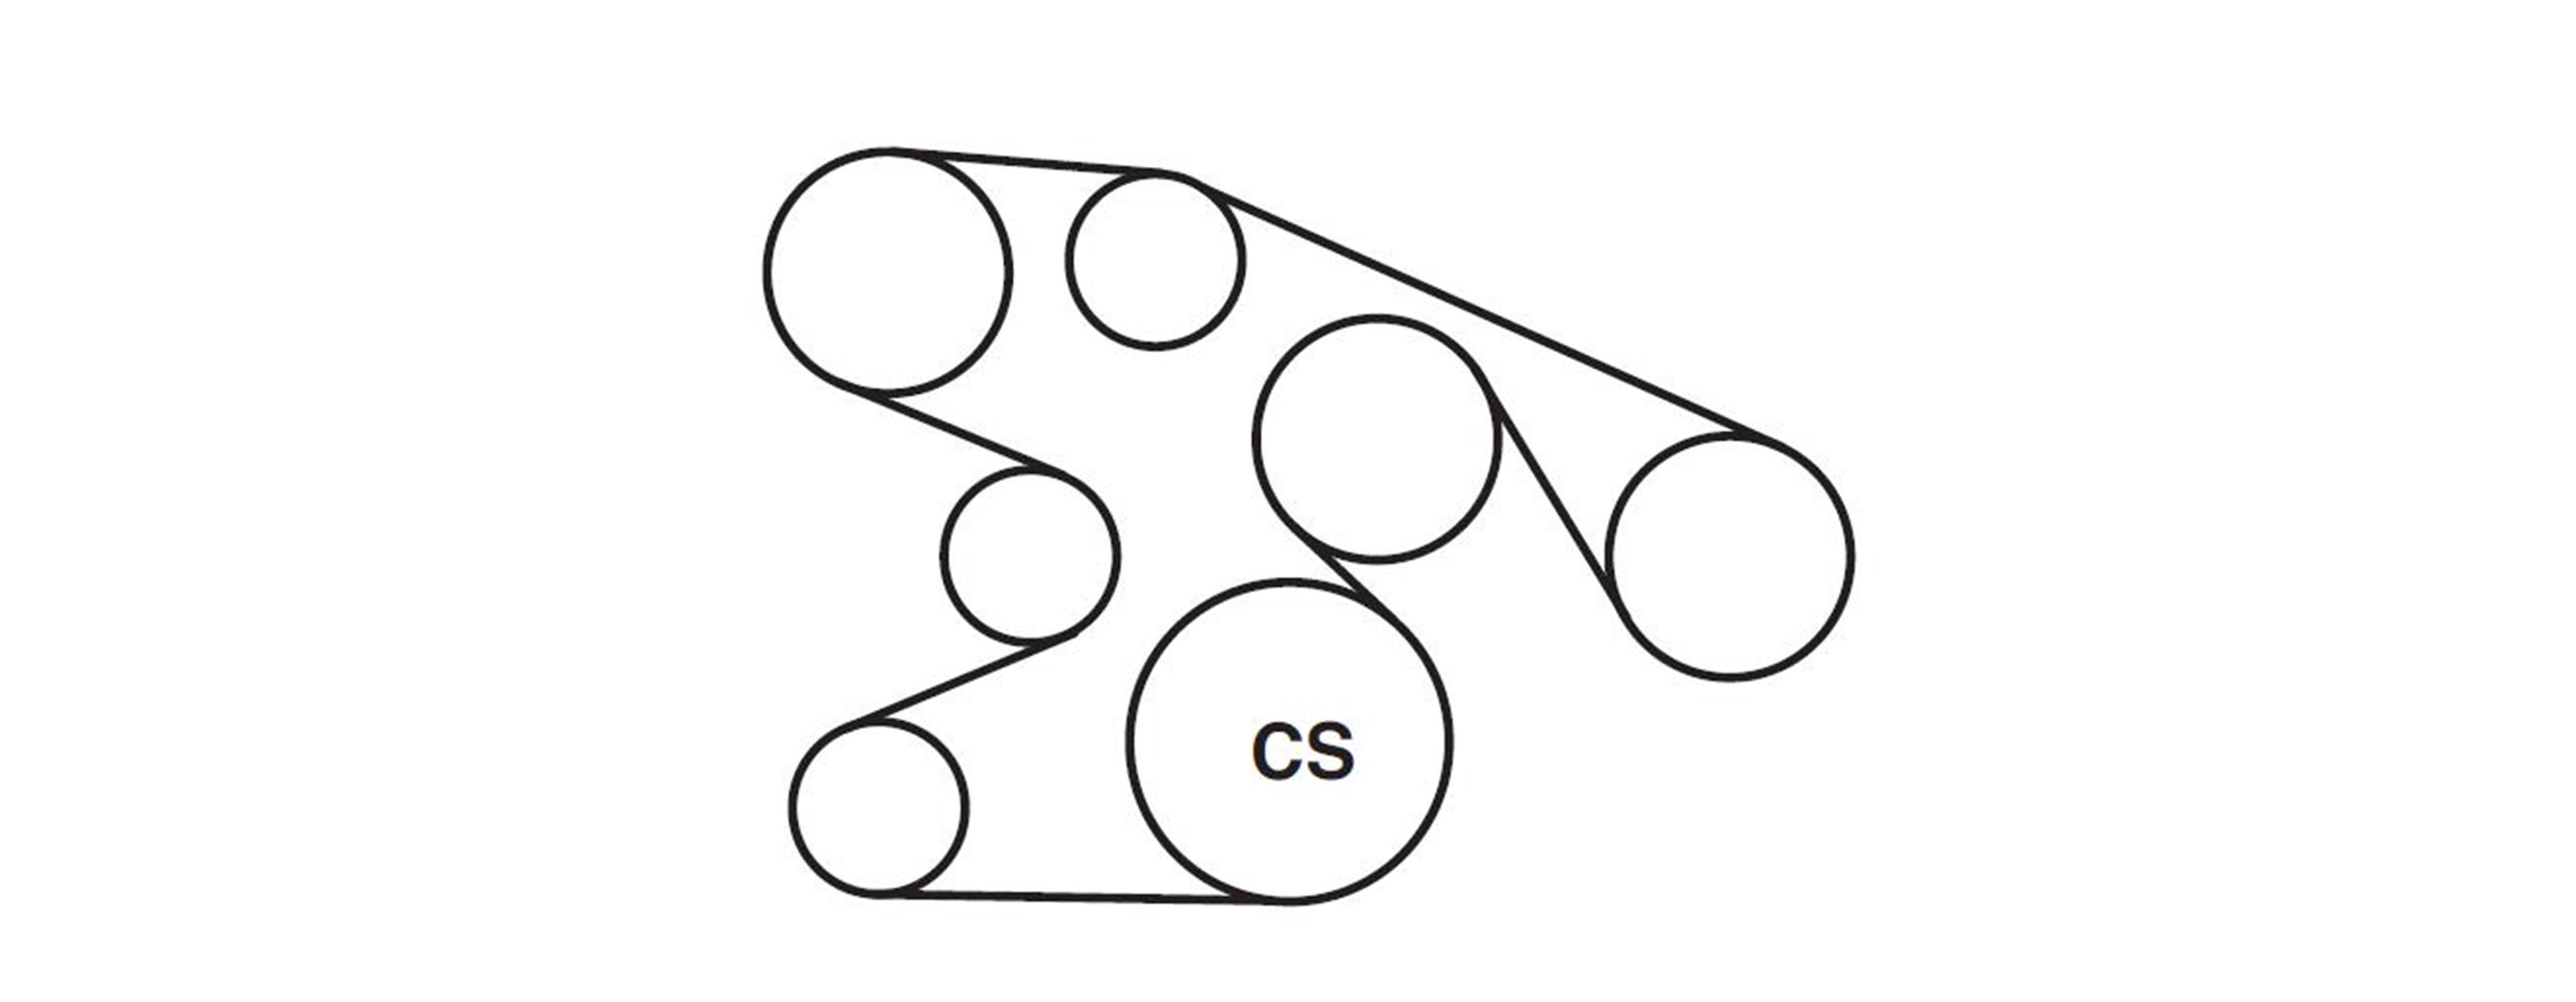 Jeep 4 2 Belt Routing Wiring Schematic Diagram